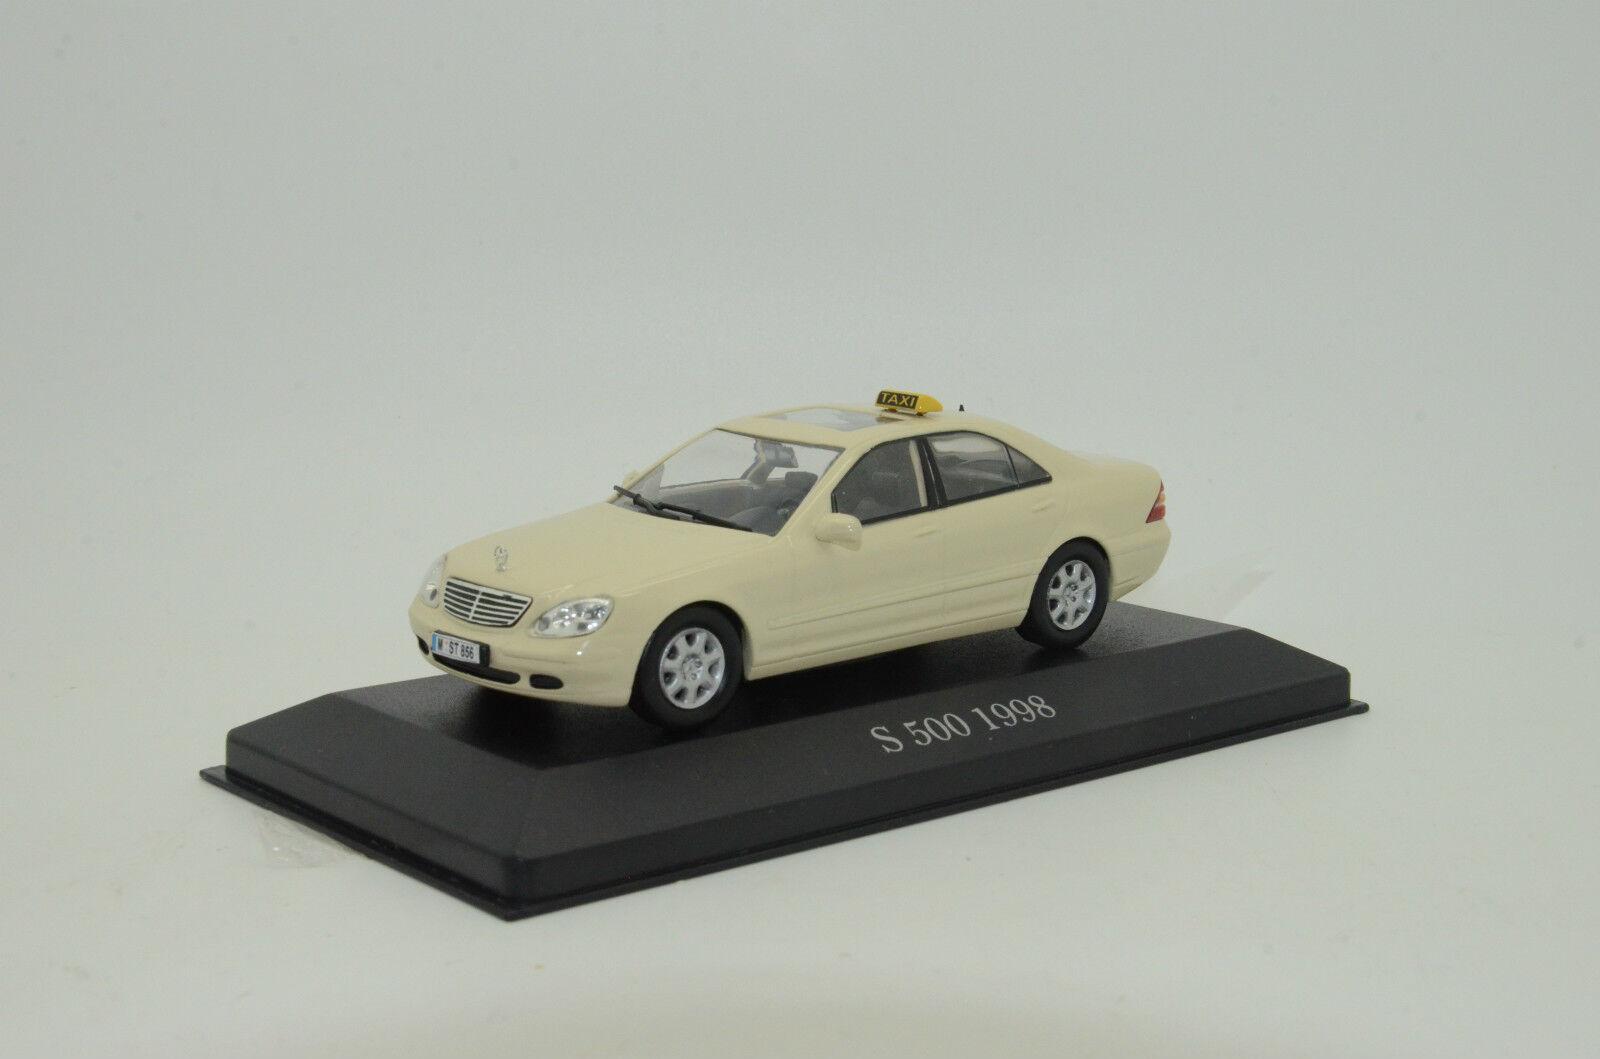 hermoso Mercedes S-Klasse W220 Taxi Berlín, Berlín, Berlín, Alemania Hecho a Medida 1 43  buscando agente de ventas